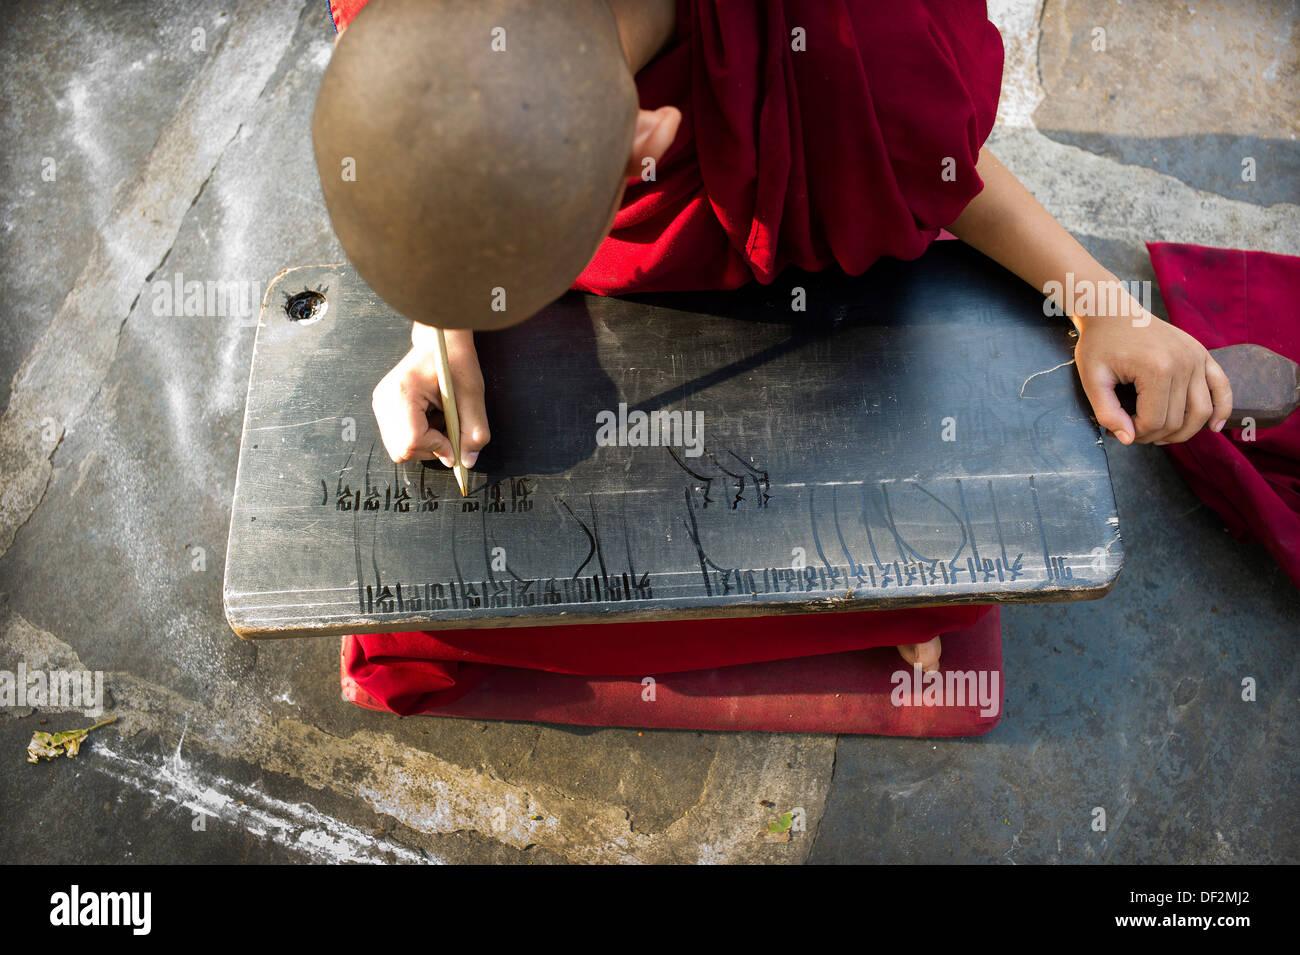 La ONU, ONU monje, monje budista, monje budista tibetano, estudio, lectura, educación, meditación, concentración, magenta, púrpura Foto de stock